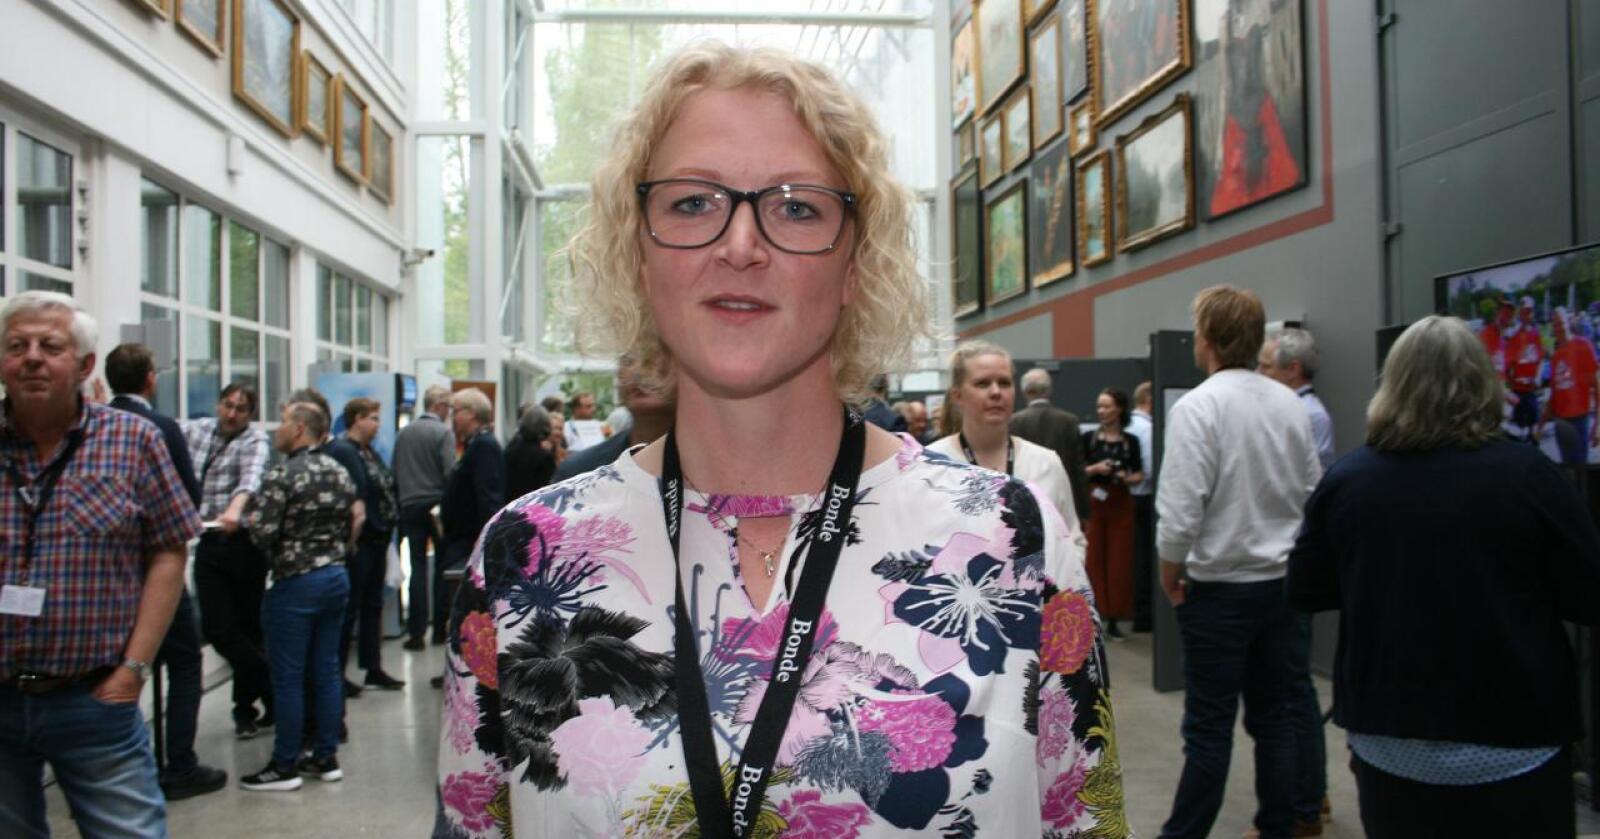 Audhild S. Slapgård, styremedlem i Norges Bondelag, mener at den årlige omdisponeringa av dyrka mark bør ned på 2000 mål. Foto: Bjarne Bekkeheien Aase